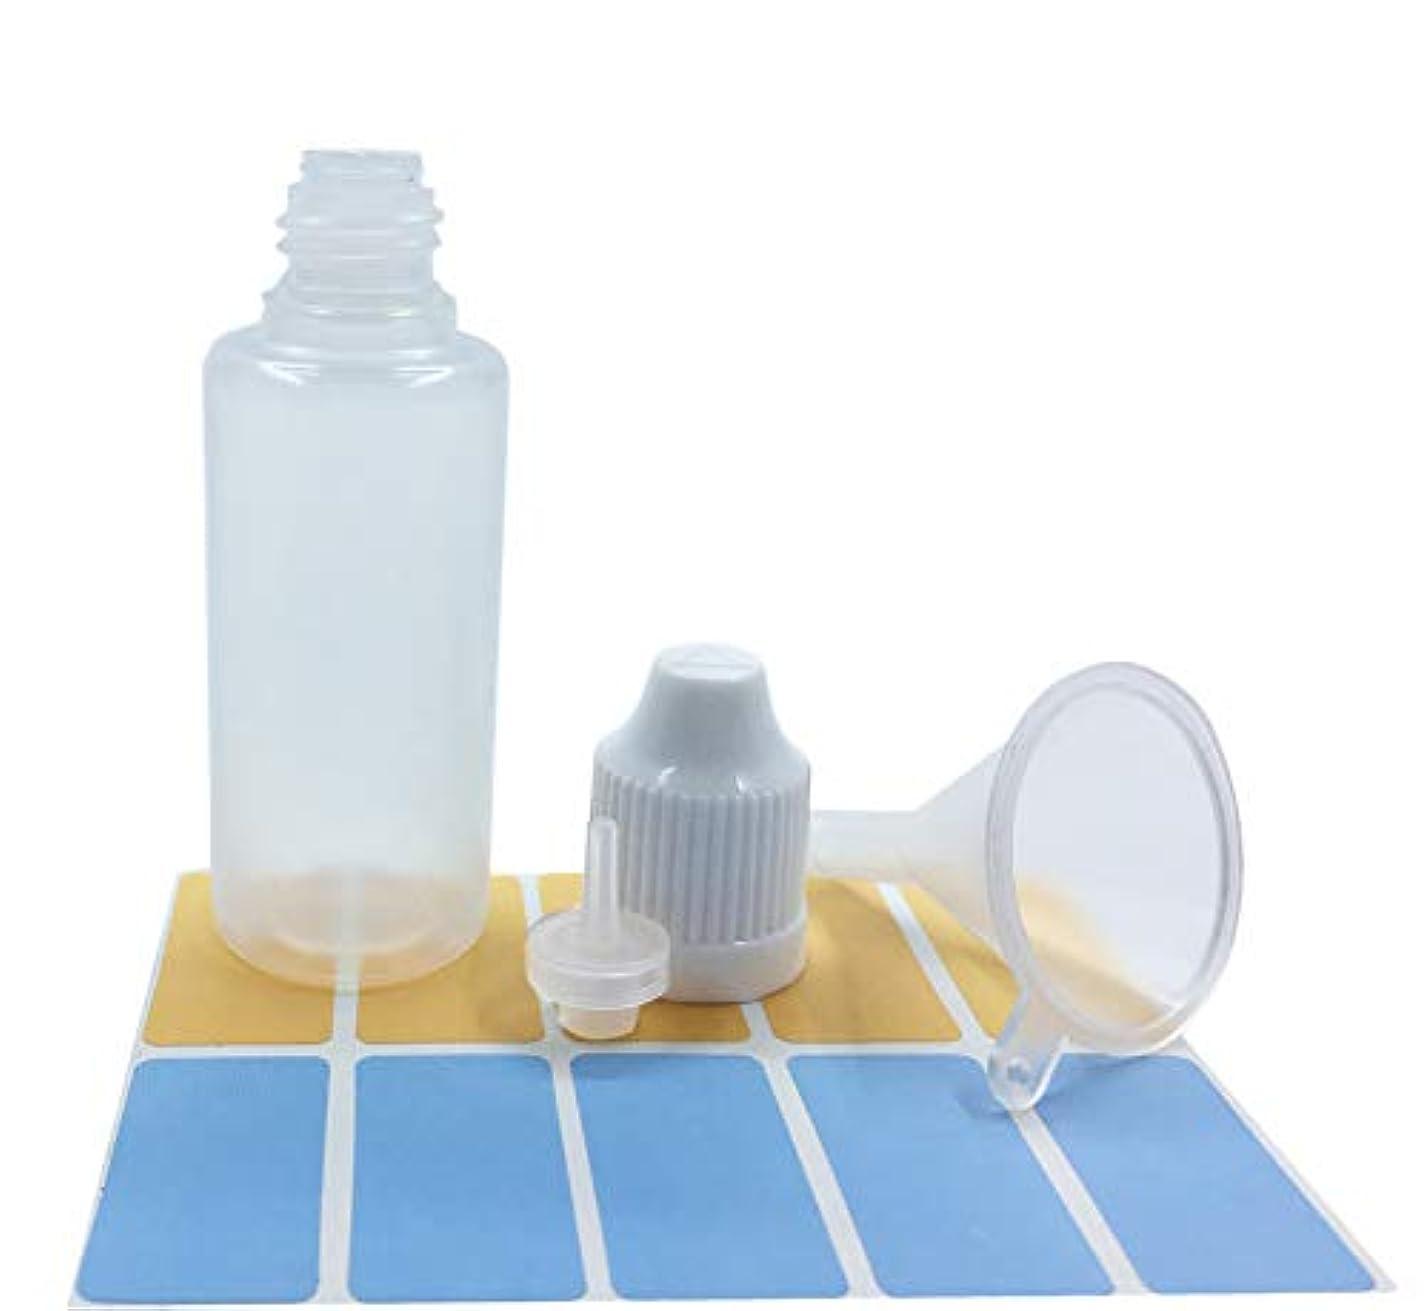 ボリュームスリル欠乏10個 20mlドロッパーボトル スポイトタイプ容器 プラスチック製 点眼 液体 貯蔵用 滴瓶 (20ml, 白色)